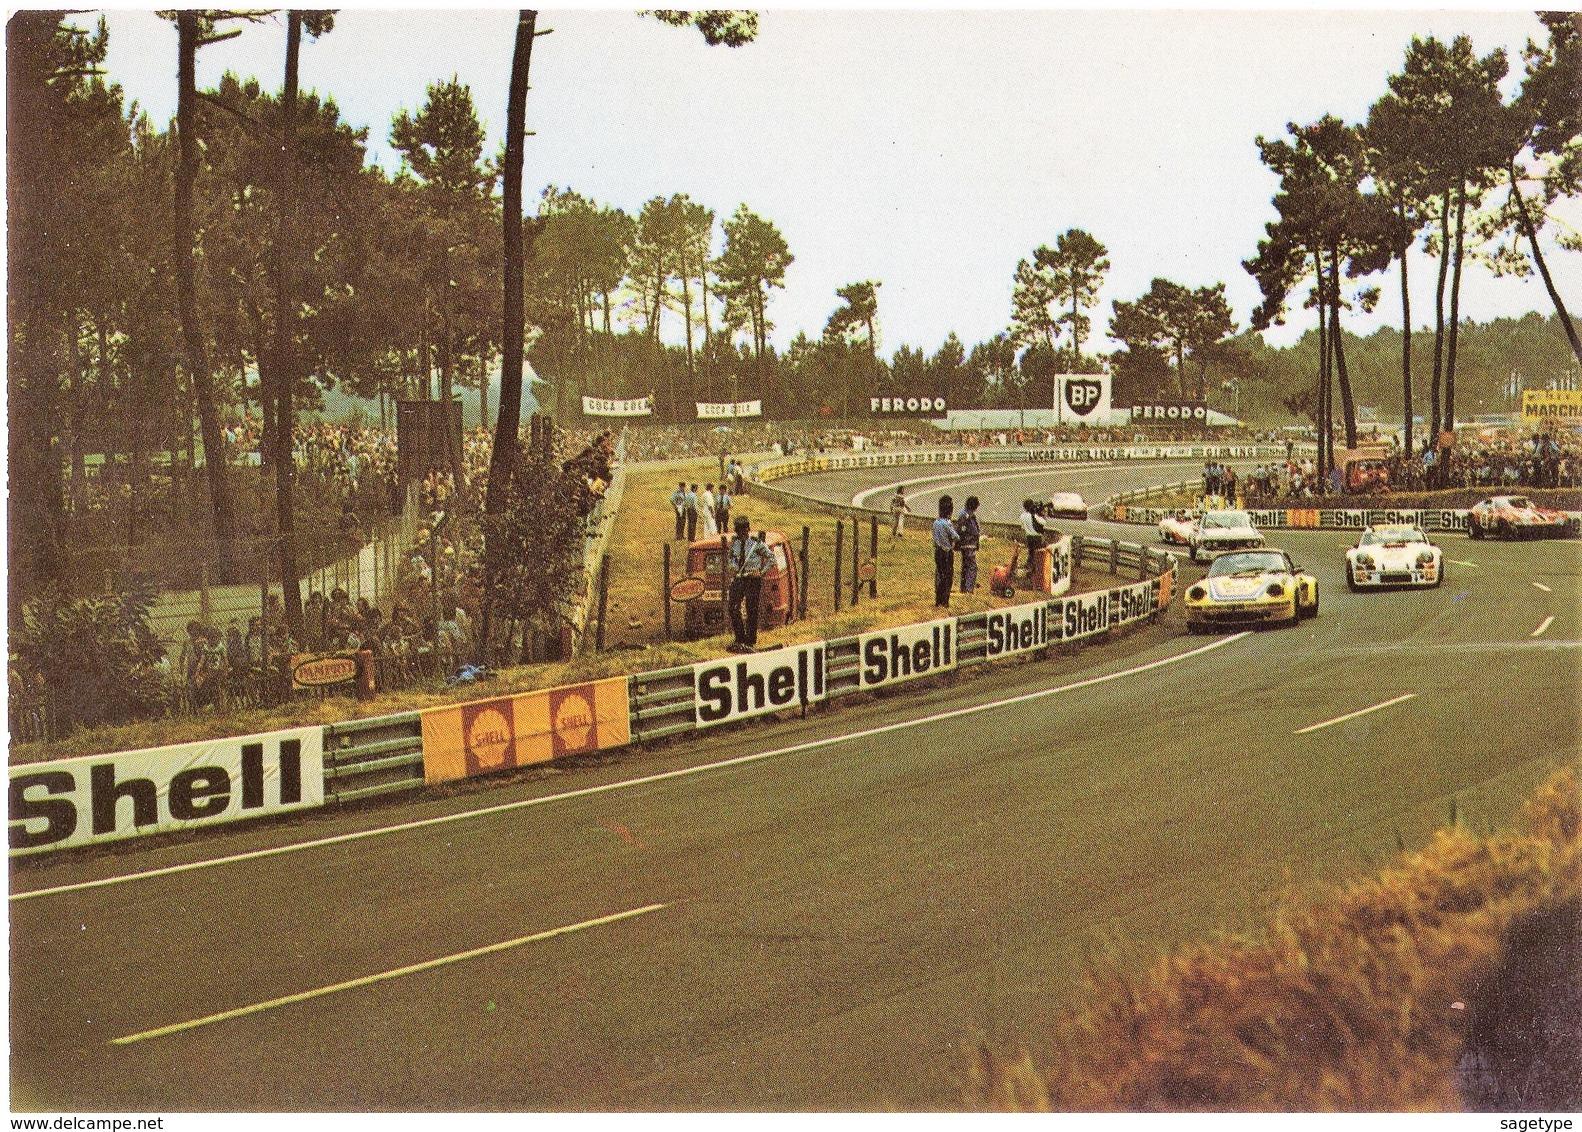 72 . LE MANS . CIRCUIT DES 24 HEURES . Voitures En Course  - ARTAUD 3 (E/5708) - Le Mans